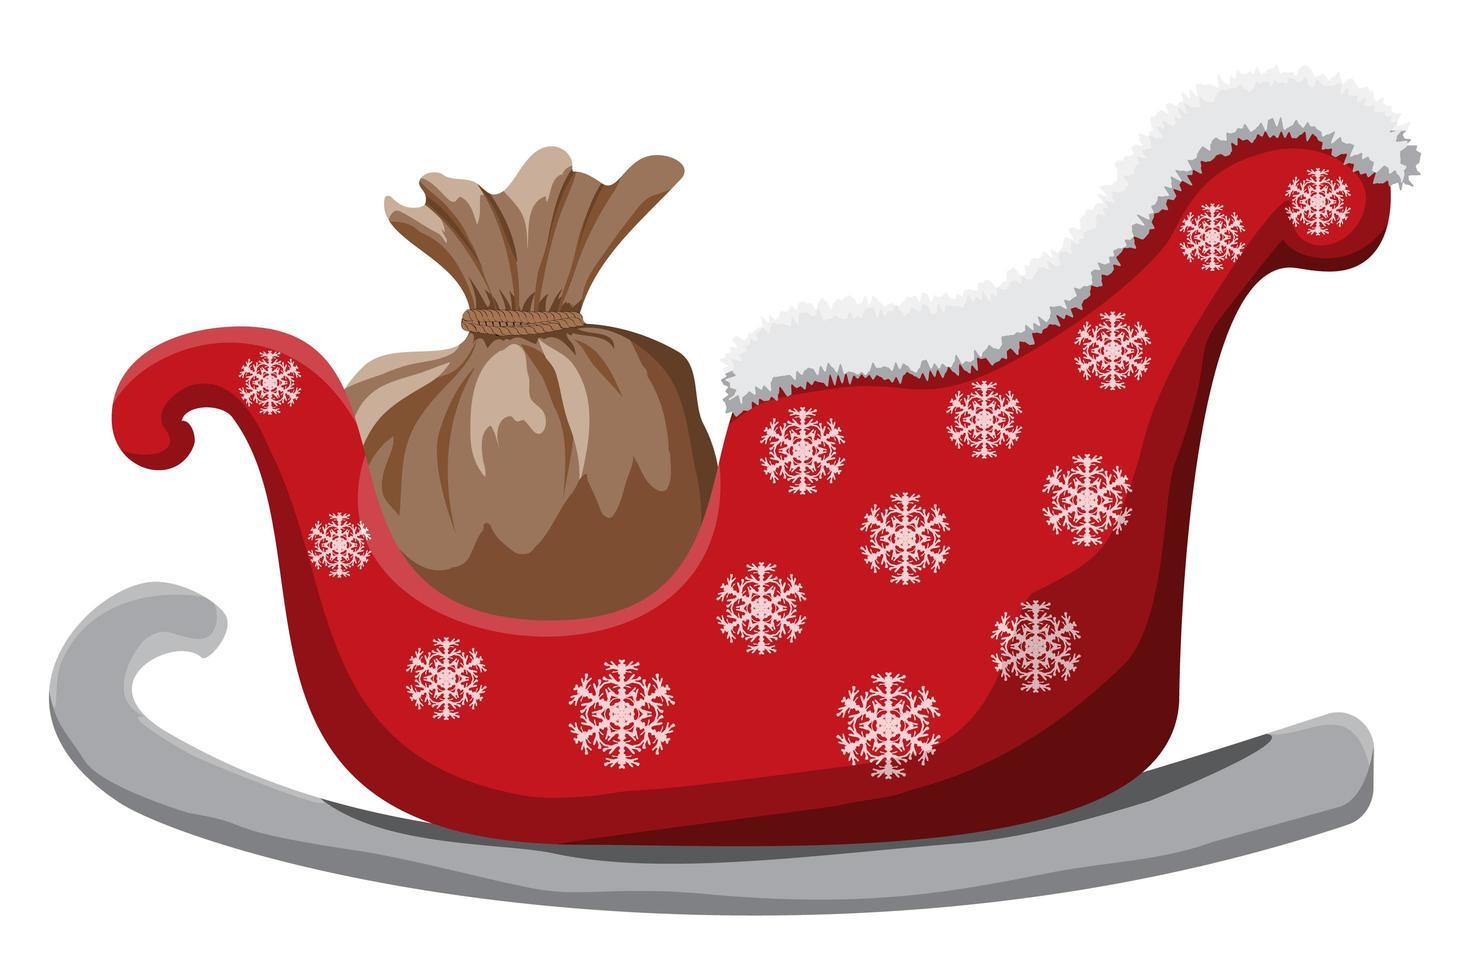 traîneau de Noël isolé sur fond blanc vecteur